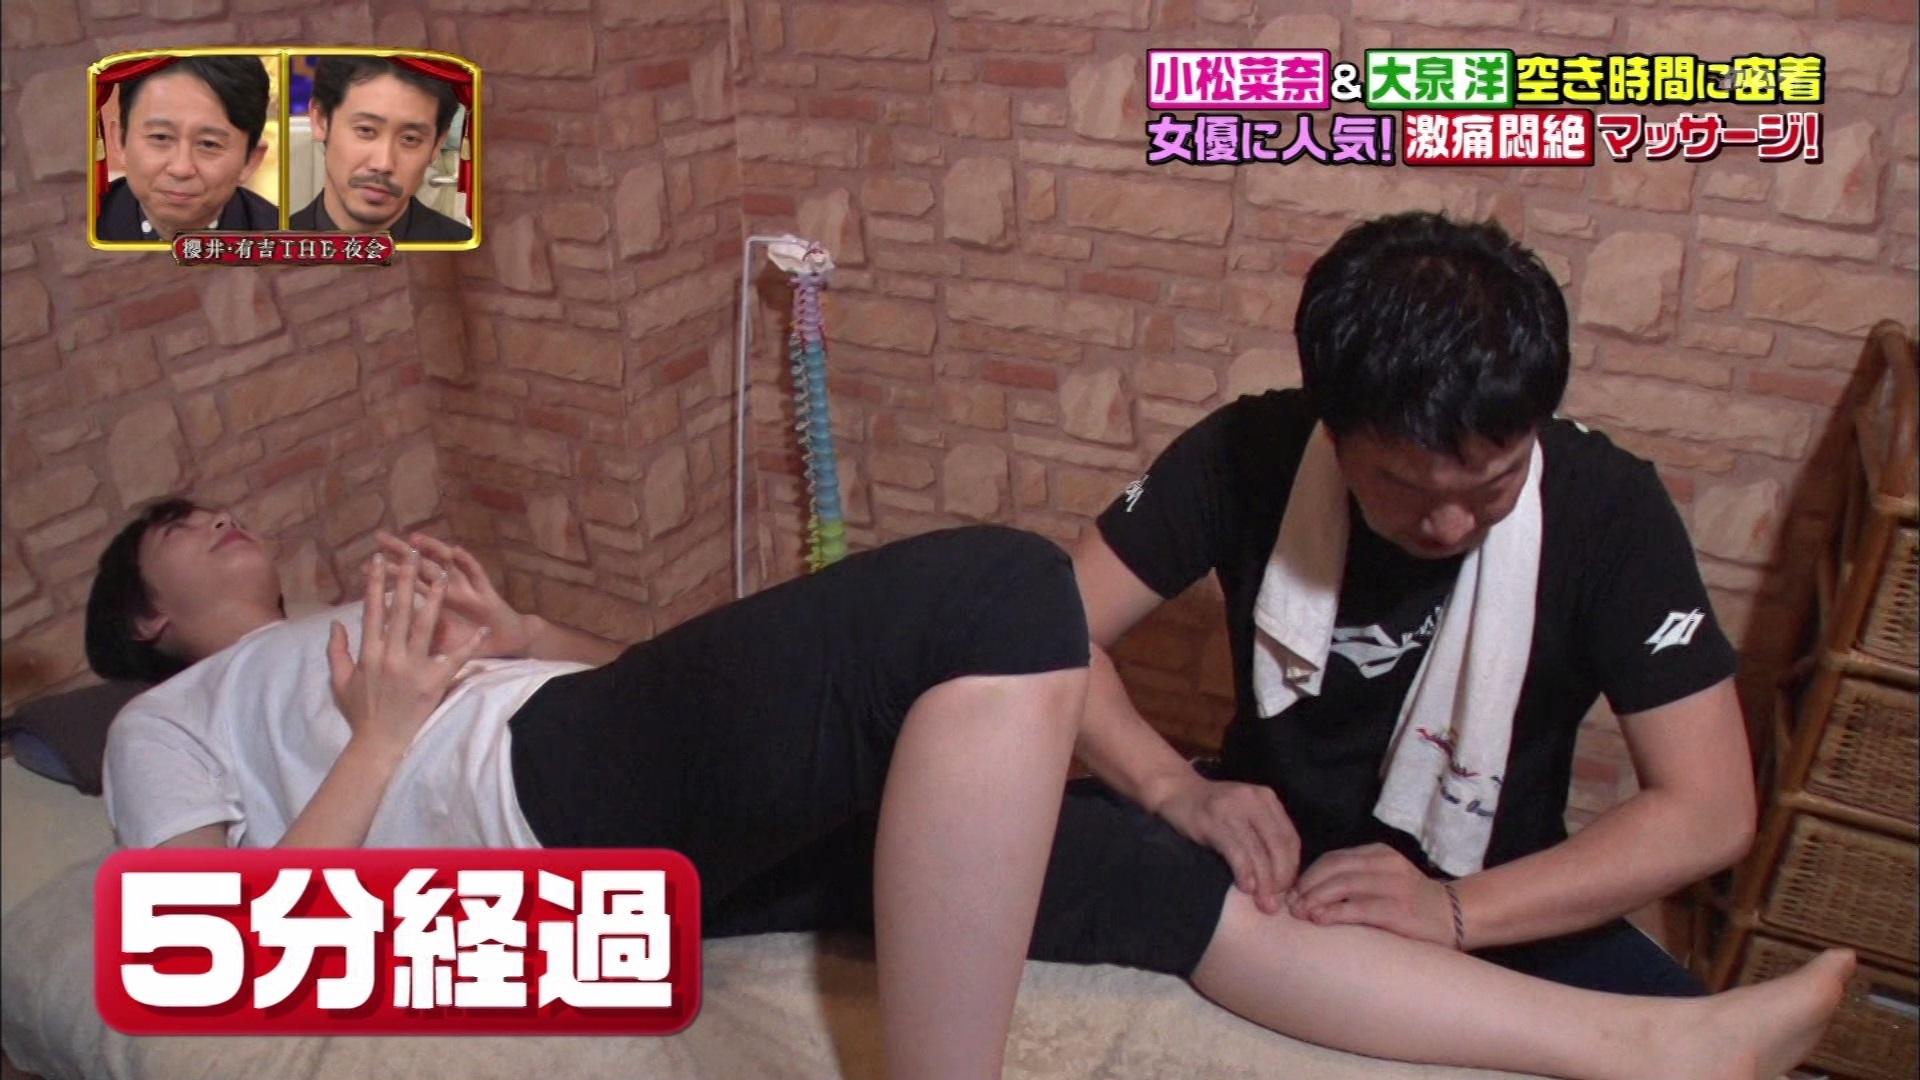 小松菜奈_マッサージ_テレビキャプ画像_11